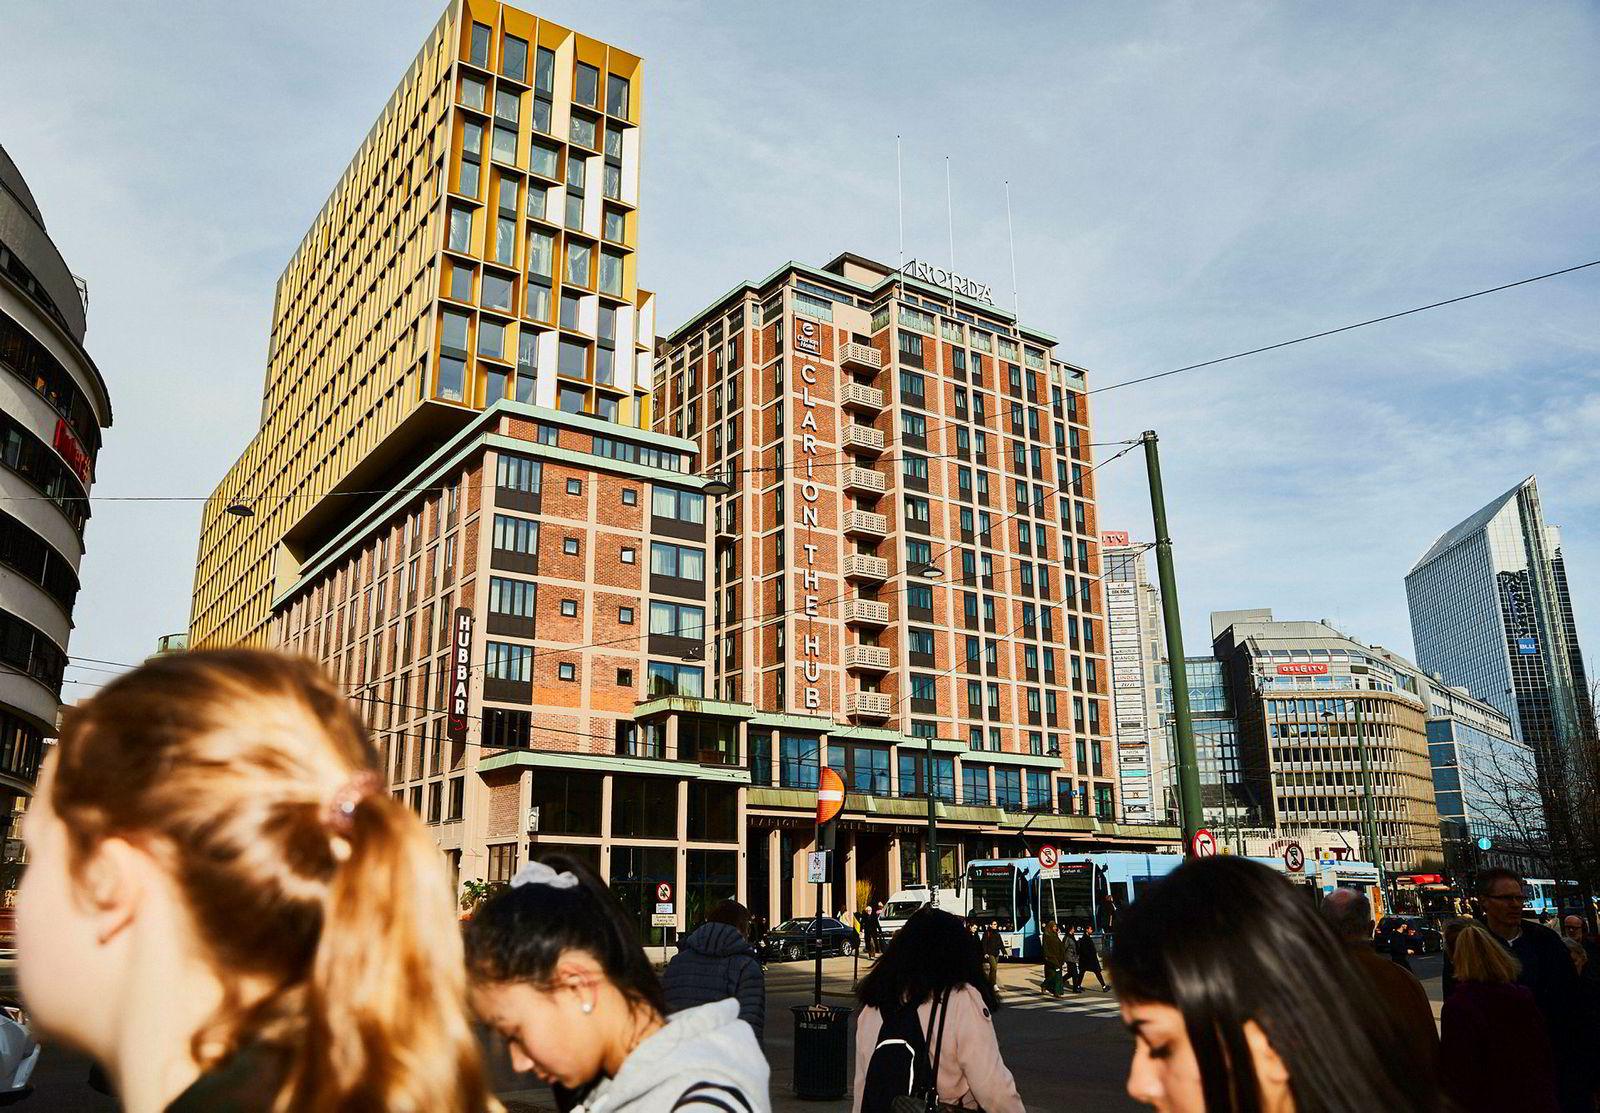 Petter A. Stordalen åpnet Clarion Hotel The Hub i Oslo i fjor. Til tross for mange nye hoteller sørget for både nedgang i belegg, pris og inntekt per tilgjengelige rom i hovedstaden, ble 2019 et solid år.